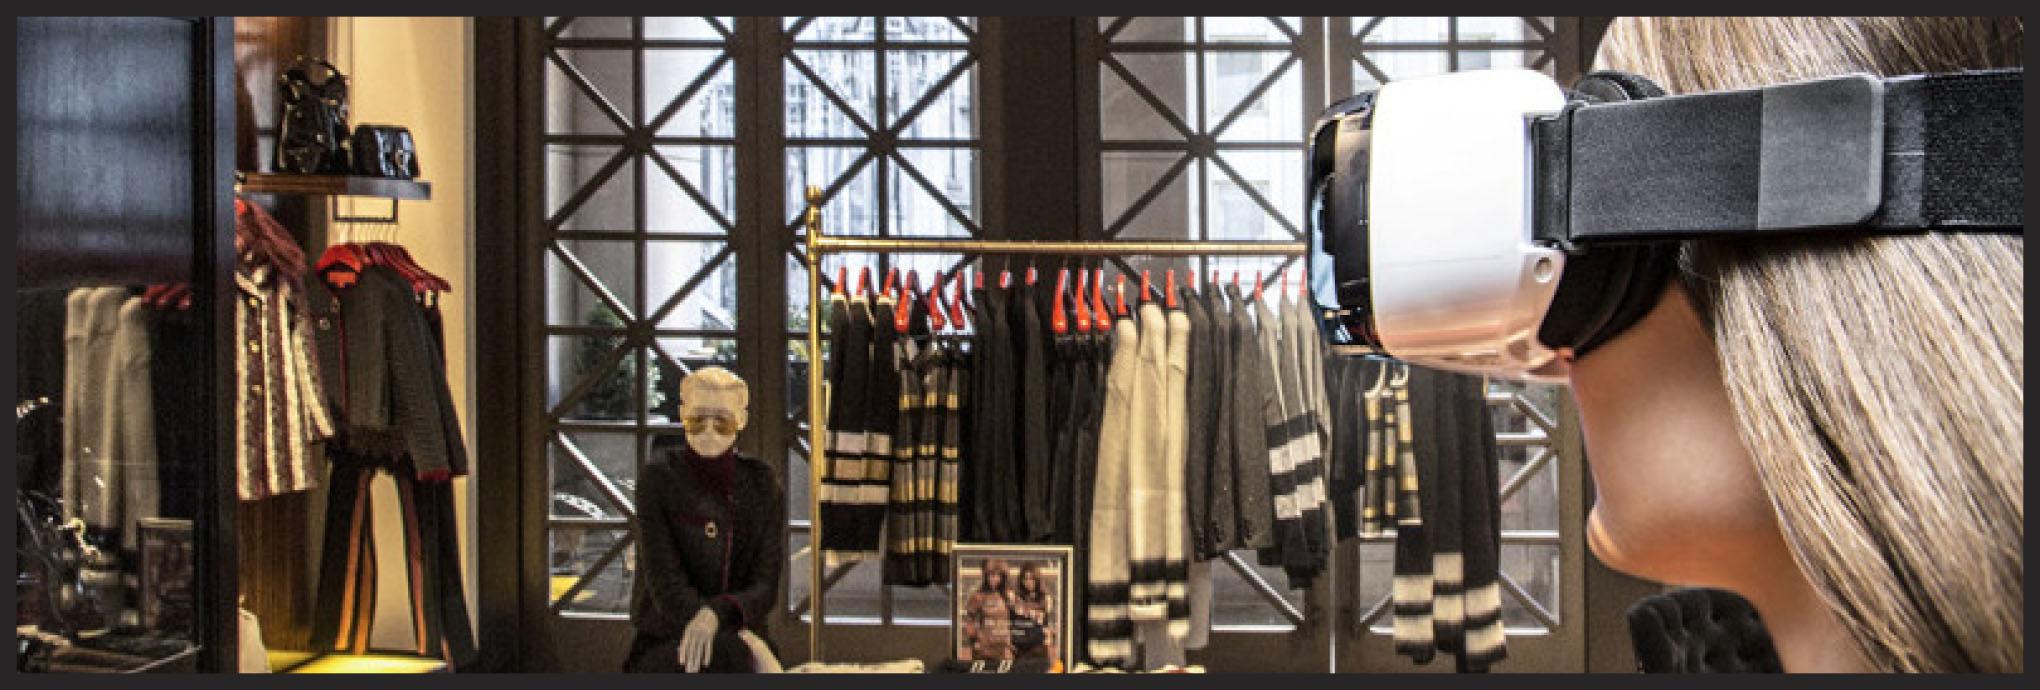 WMI_Search_Fashion1.jpg